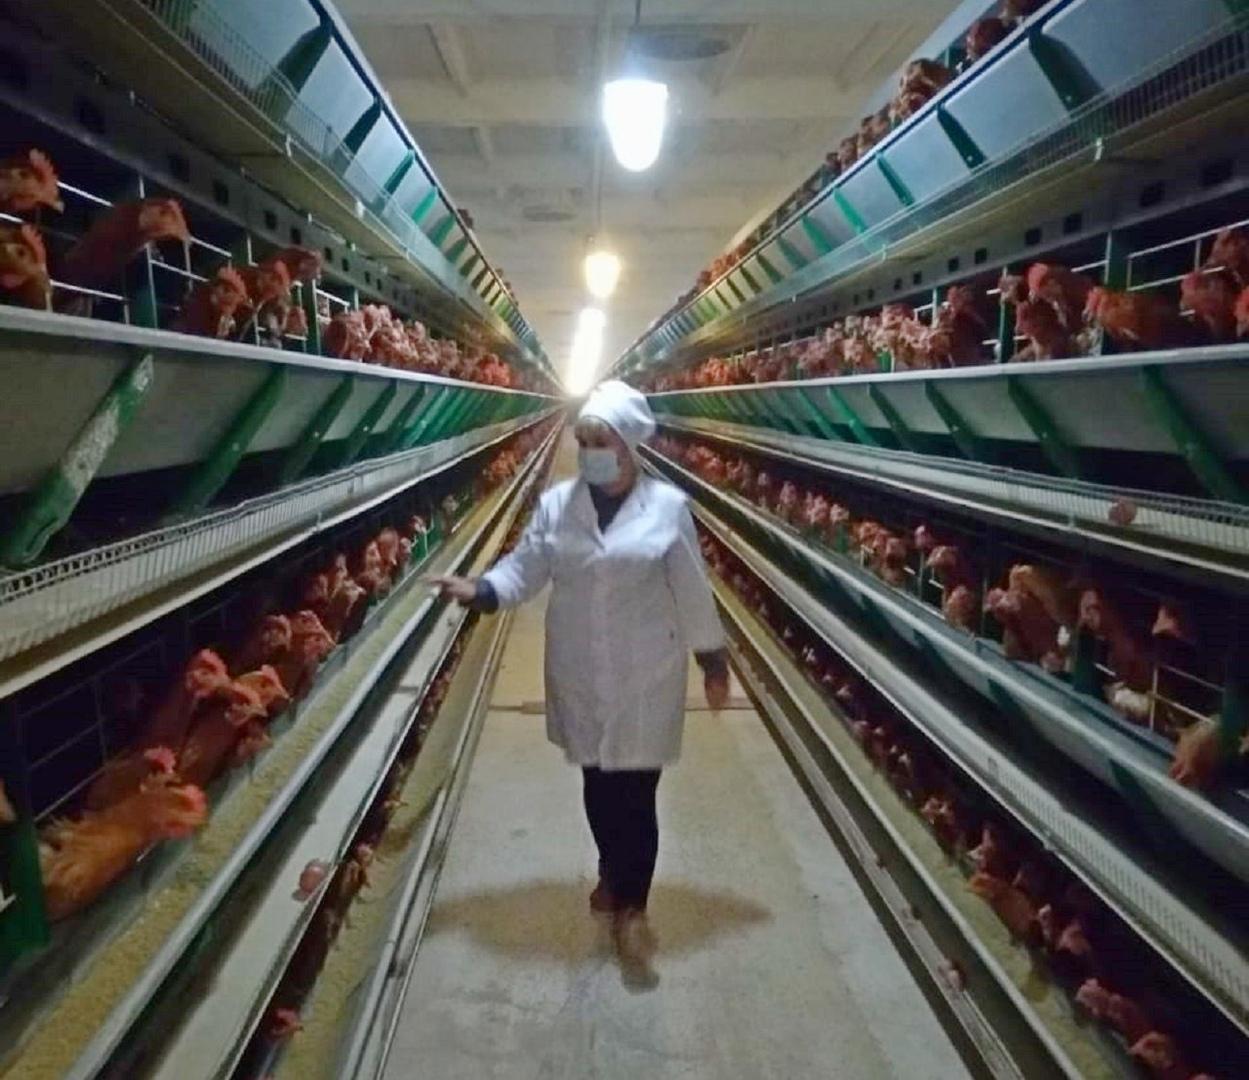 Ветврачи Ростовской области мониторят птицефабрики на инфекционные заболевания